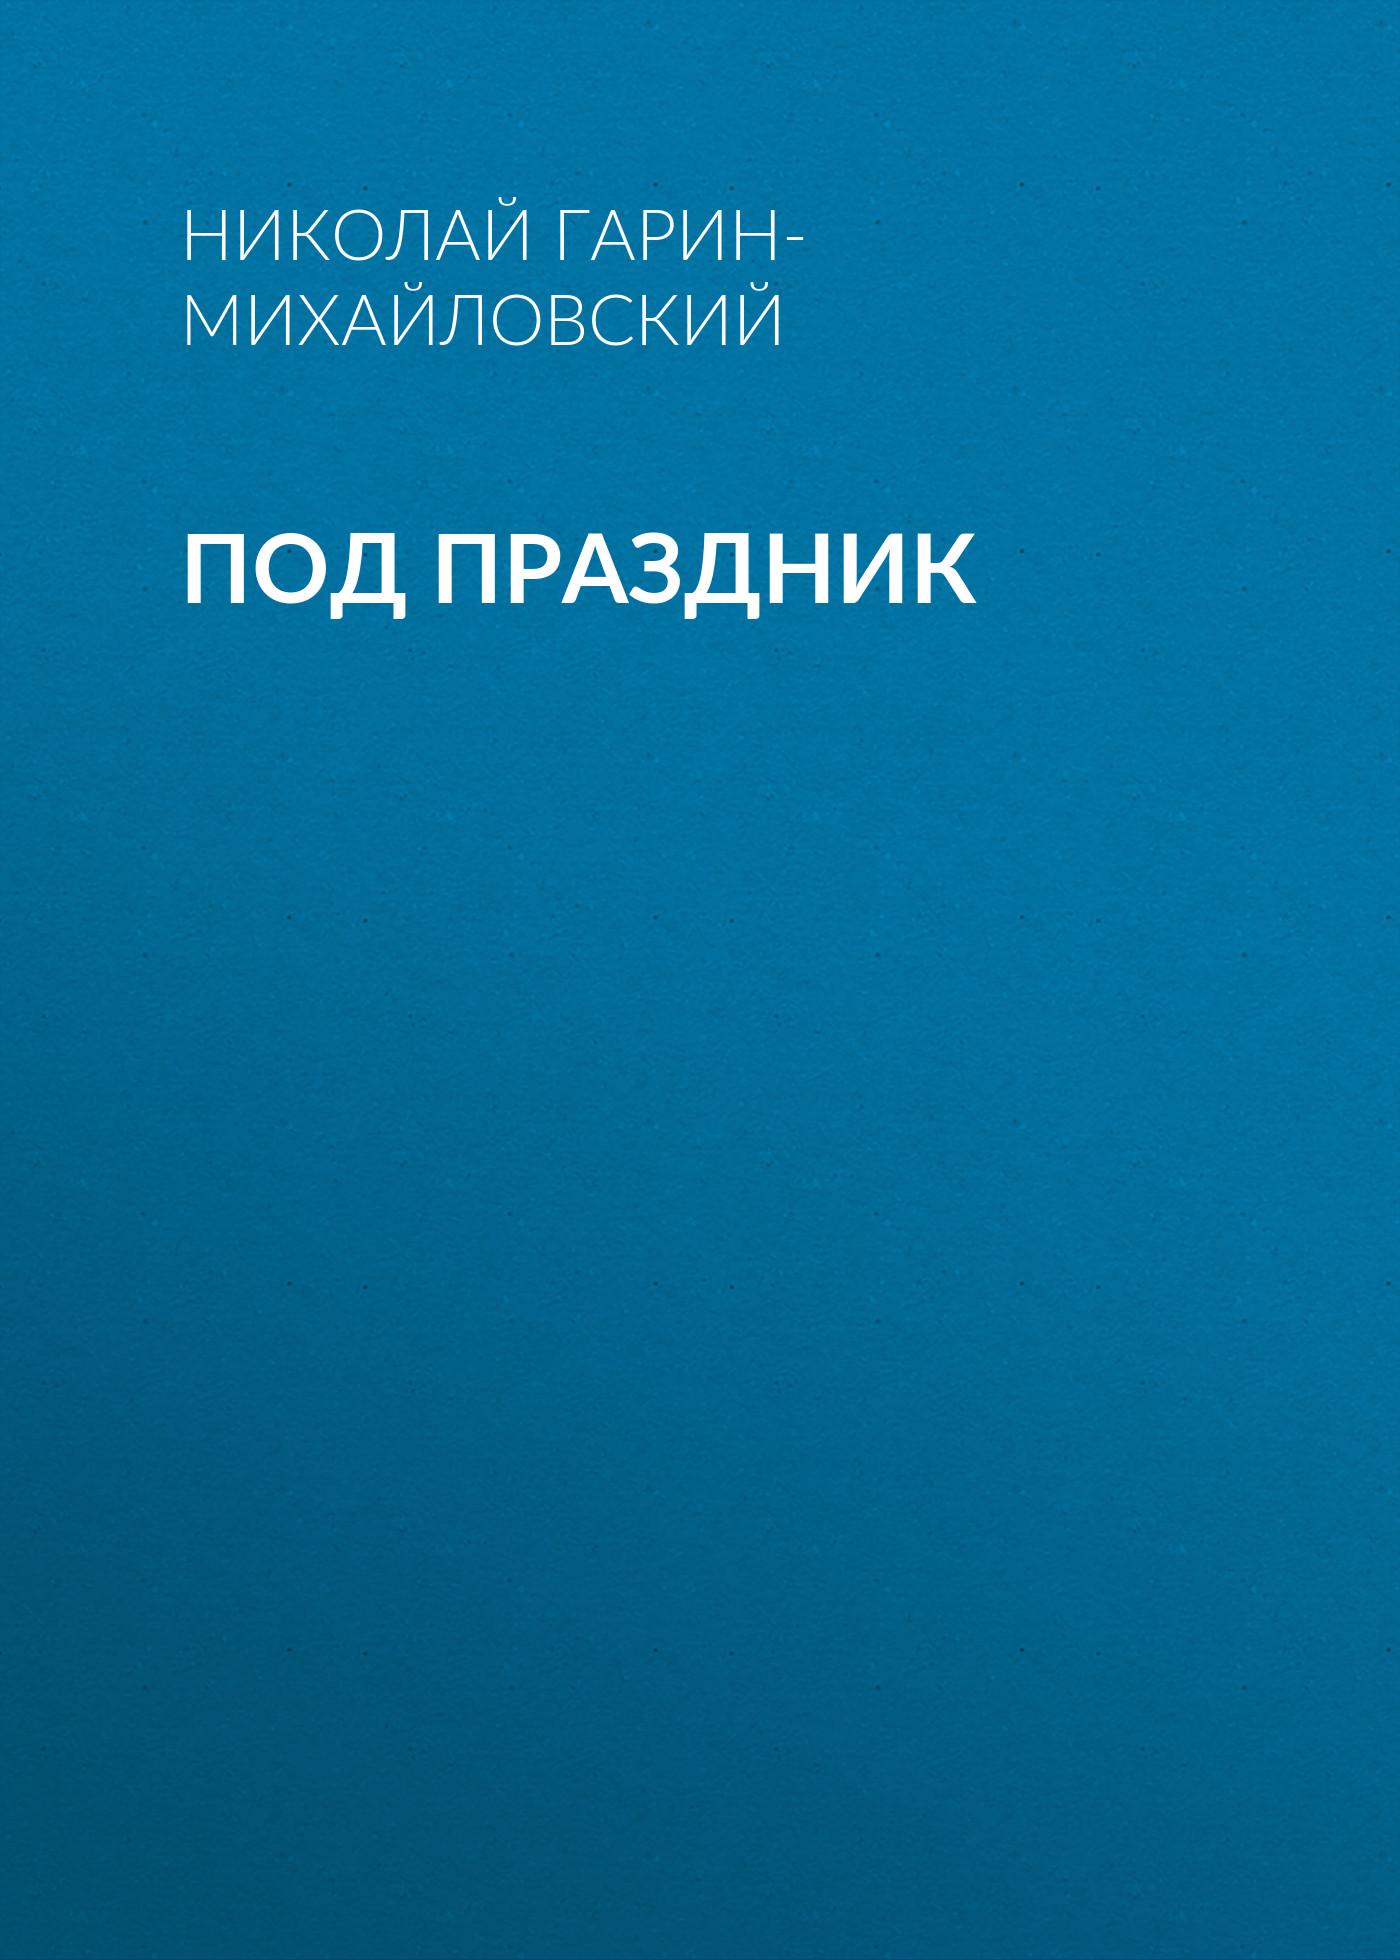 Николай Гарин-Михайловский Под праздник николай гарин михайловский счастье